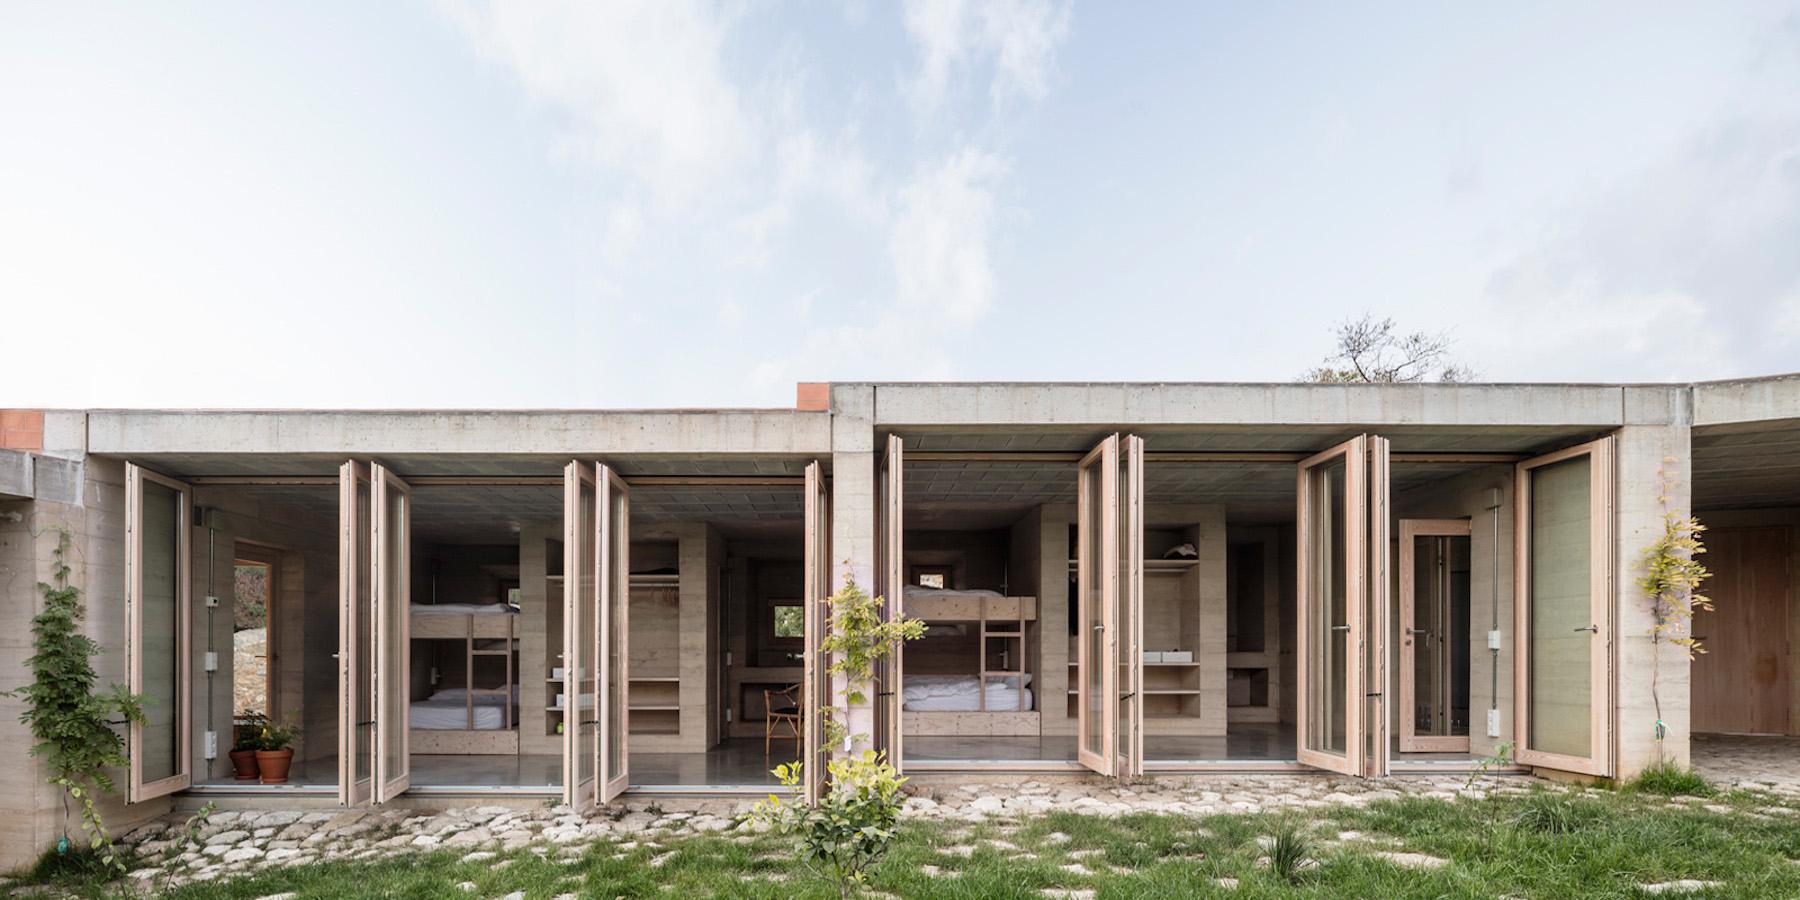 iGNANT-Architecture-Harquitectes-1413-House-14